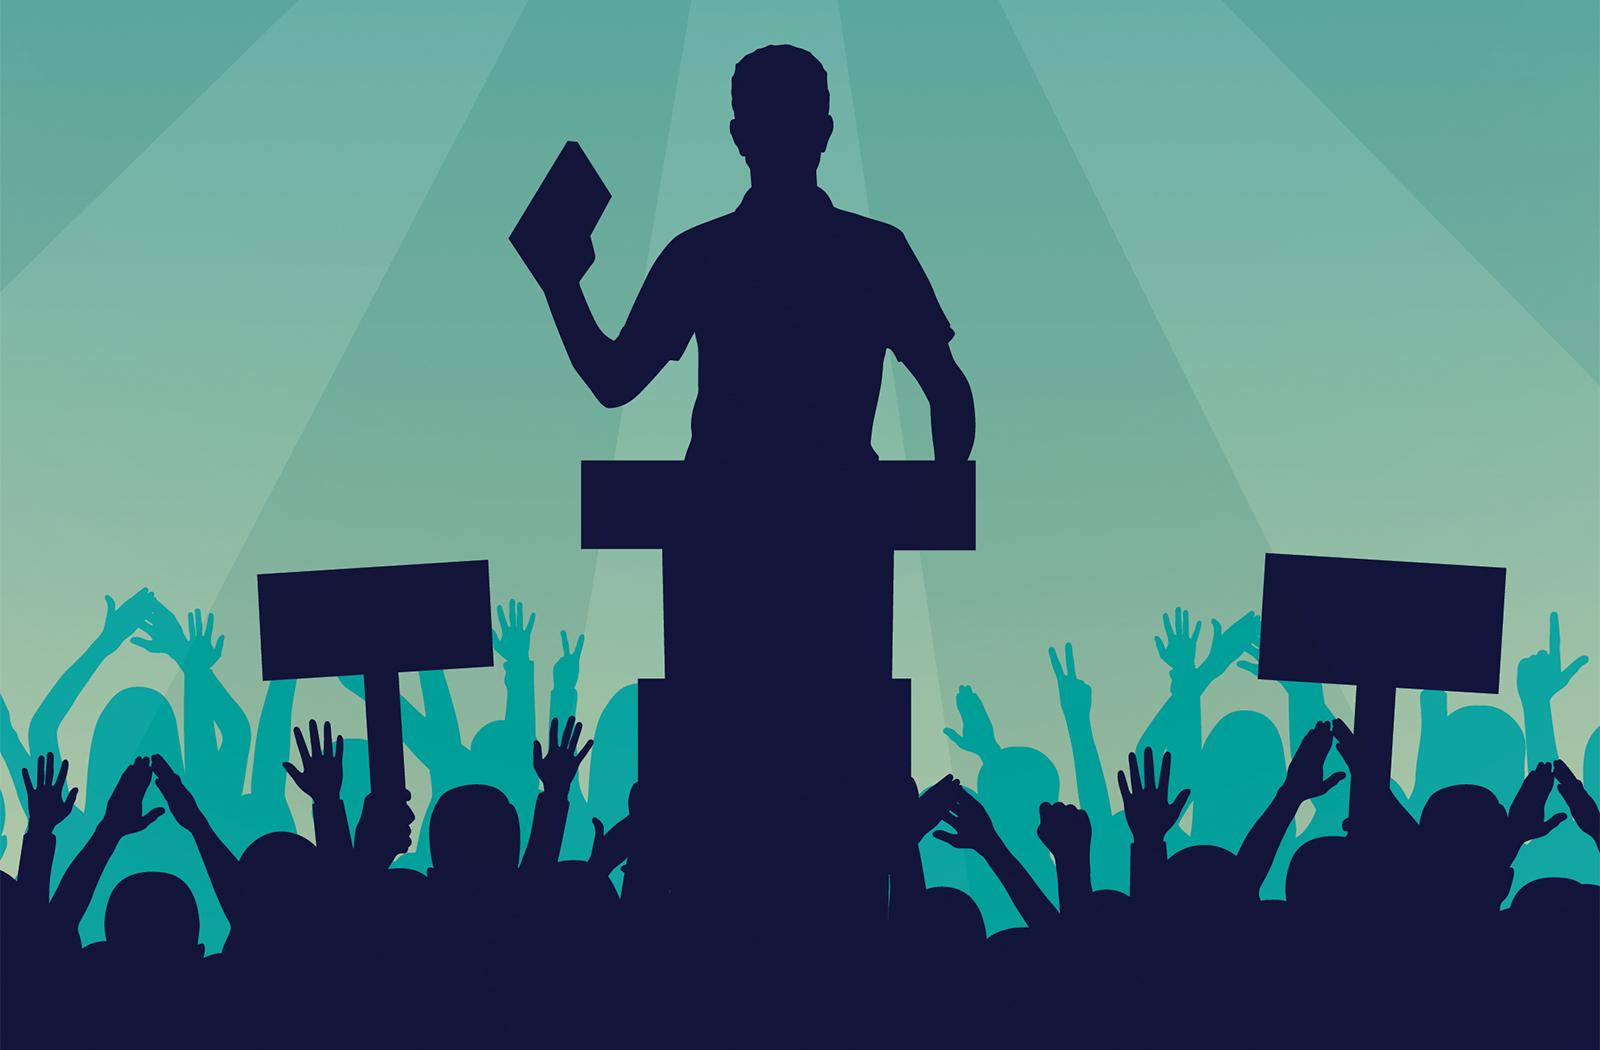 Điều cần biết về hệ thống chính trị của một quốc gia